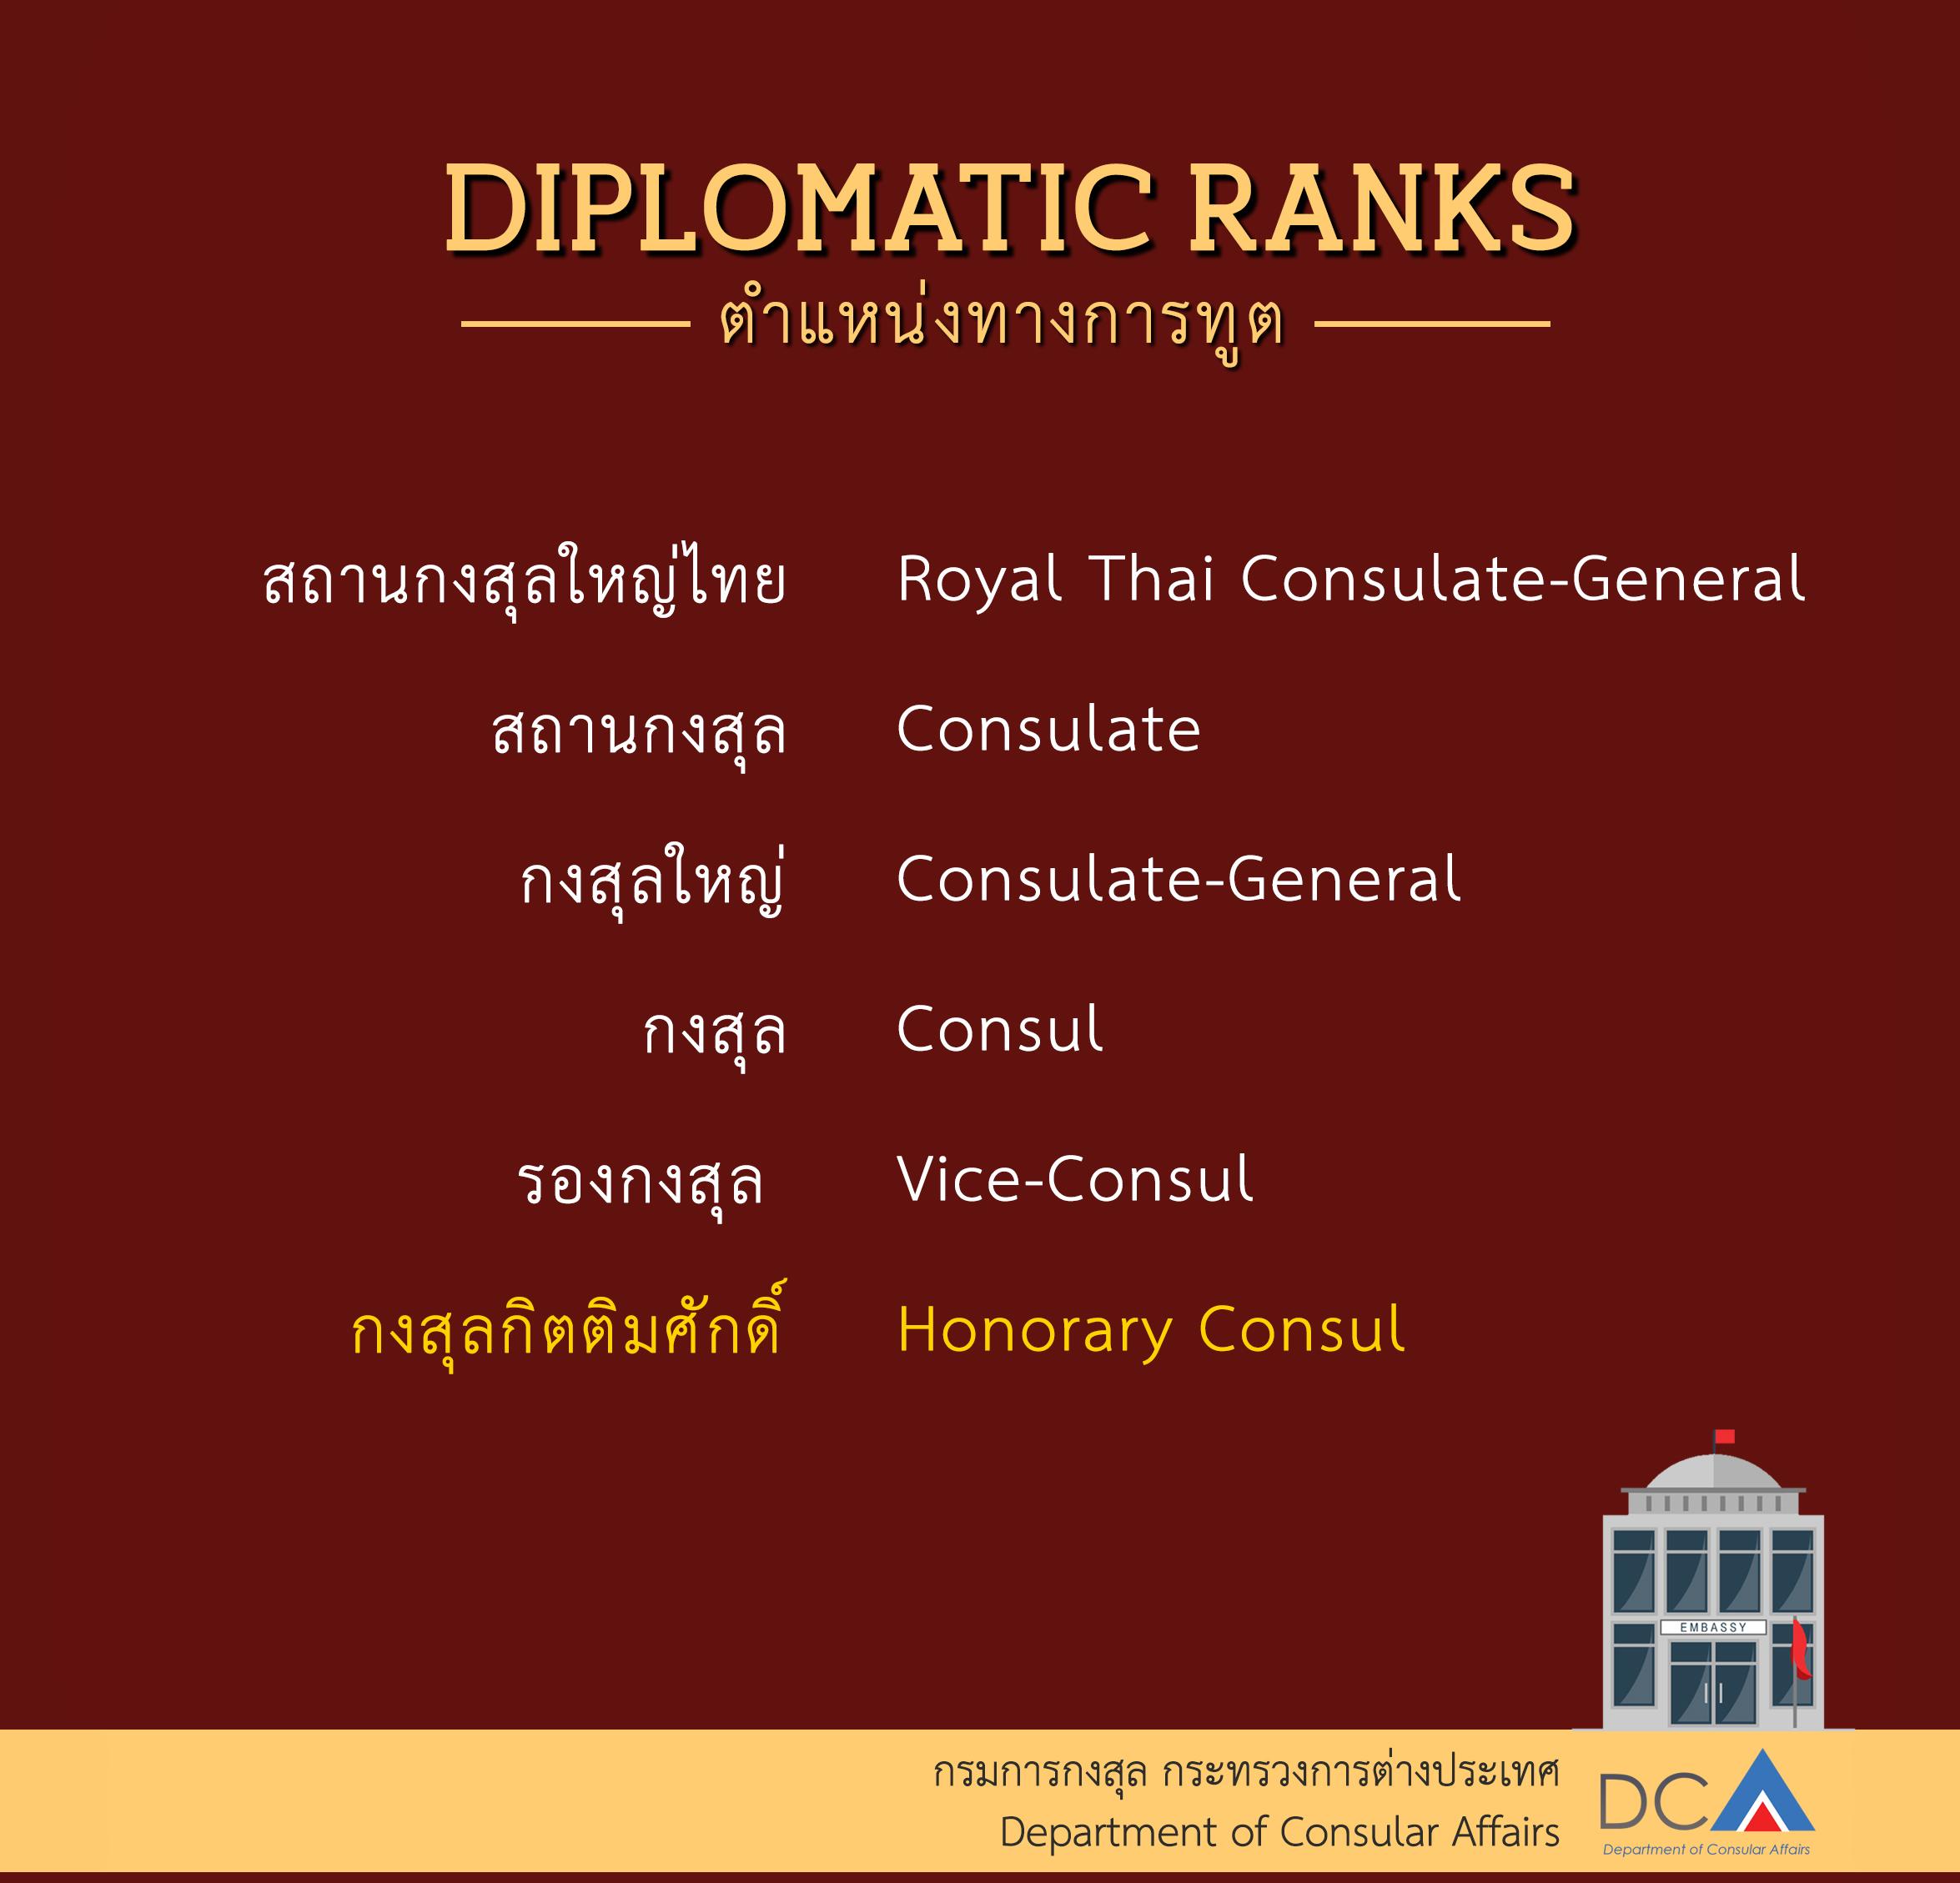 diplomatic_ranks2